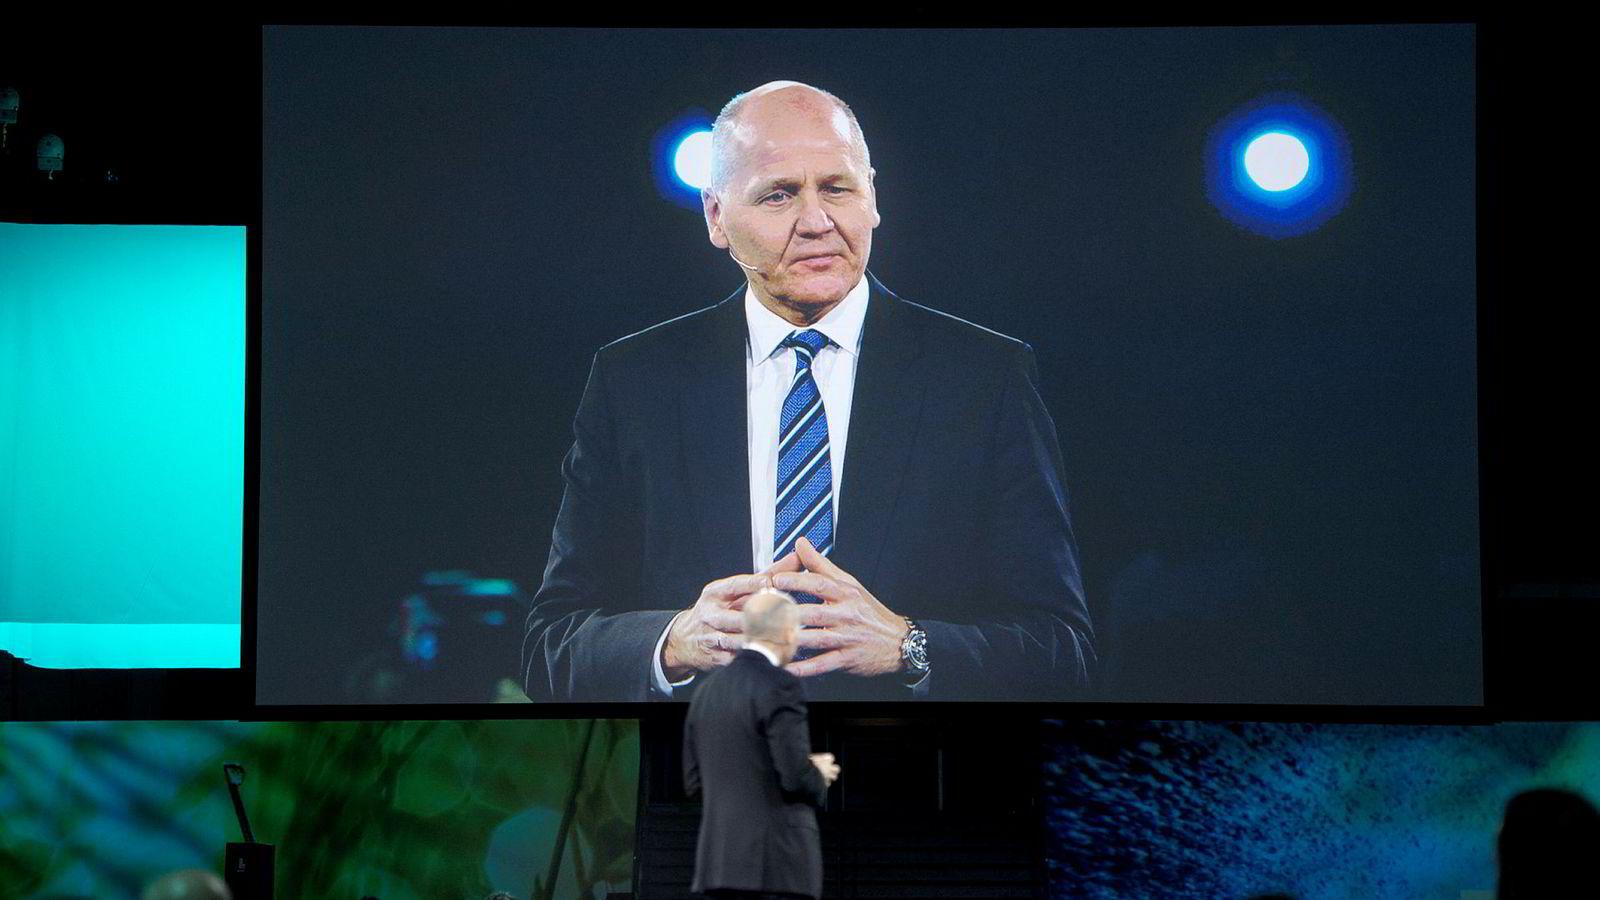 Telenor-sjef Sigve Brekke legger ikke skjul på at fjoråret bød på noen utfordringer. Torsdag deltok han på NHOs årskonferanse i Oslo.